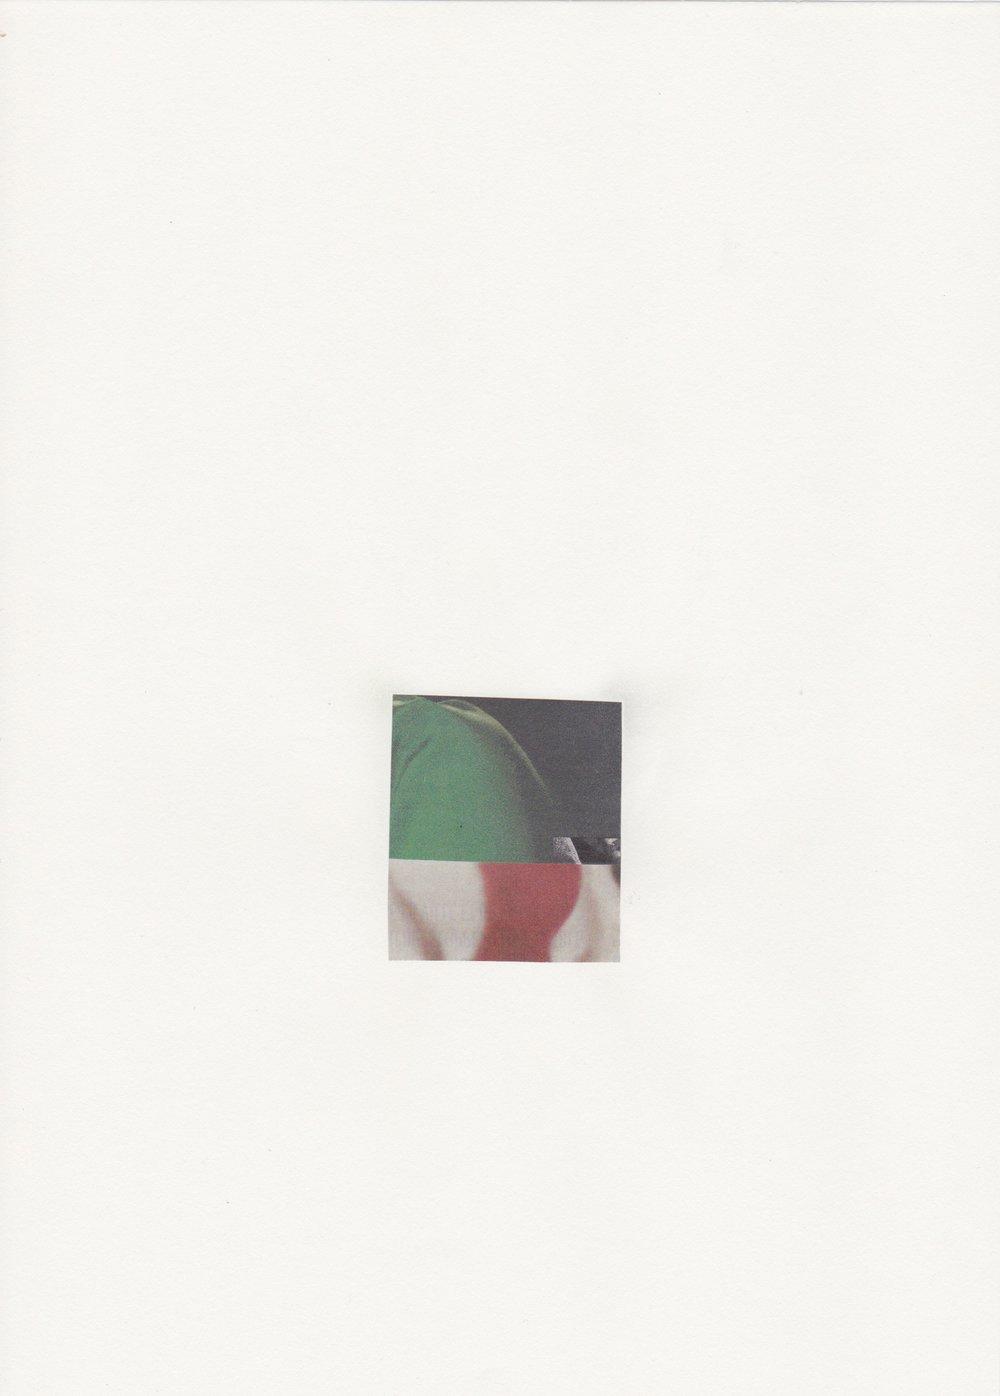 Flashback - Assemblage sur papier velin - Collage 5,5 x 4,8cm - (Encadré 31,9 x 23,2 cm) - 2017